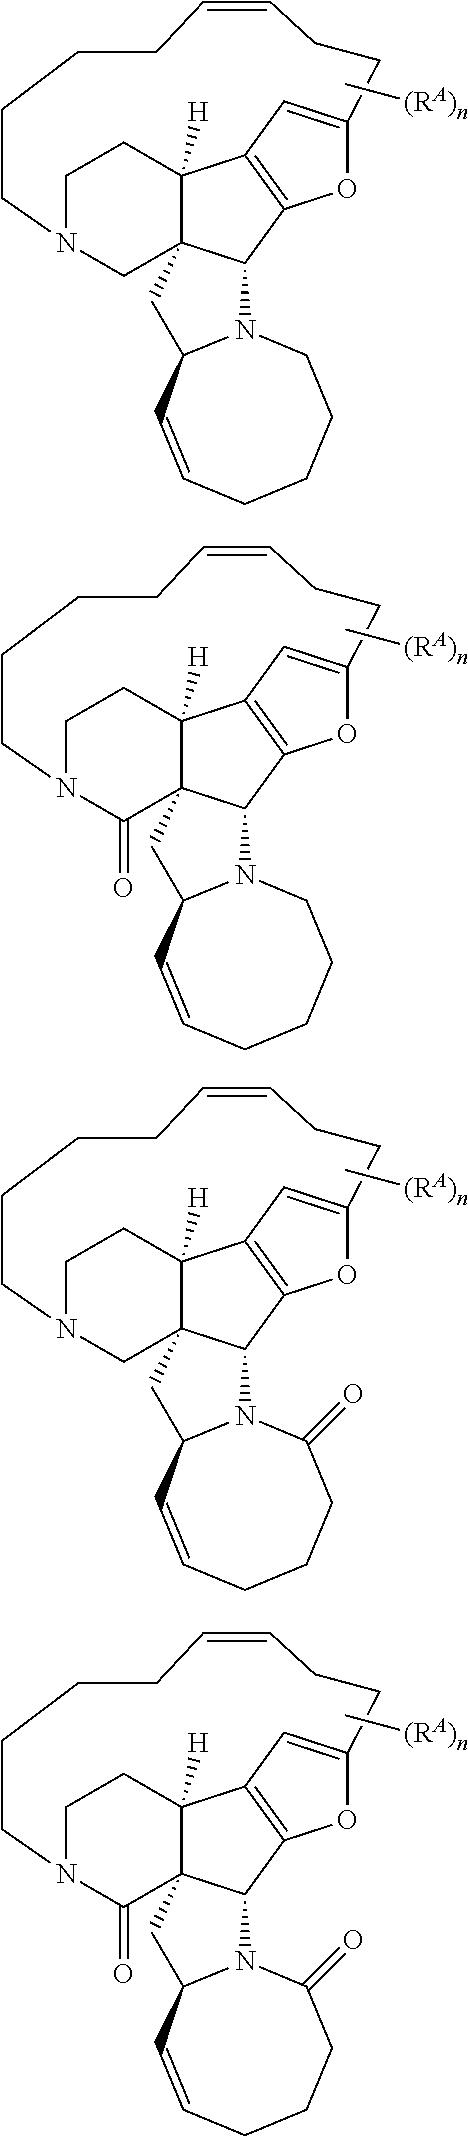 Figure US09446394-20160920-C00088